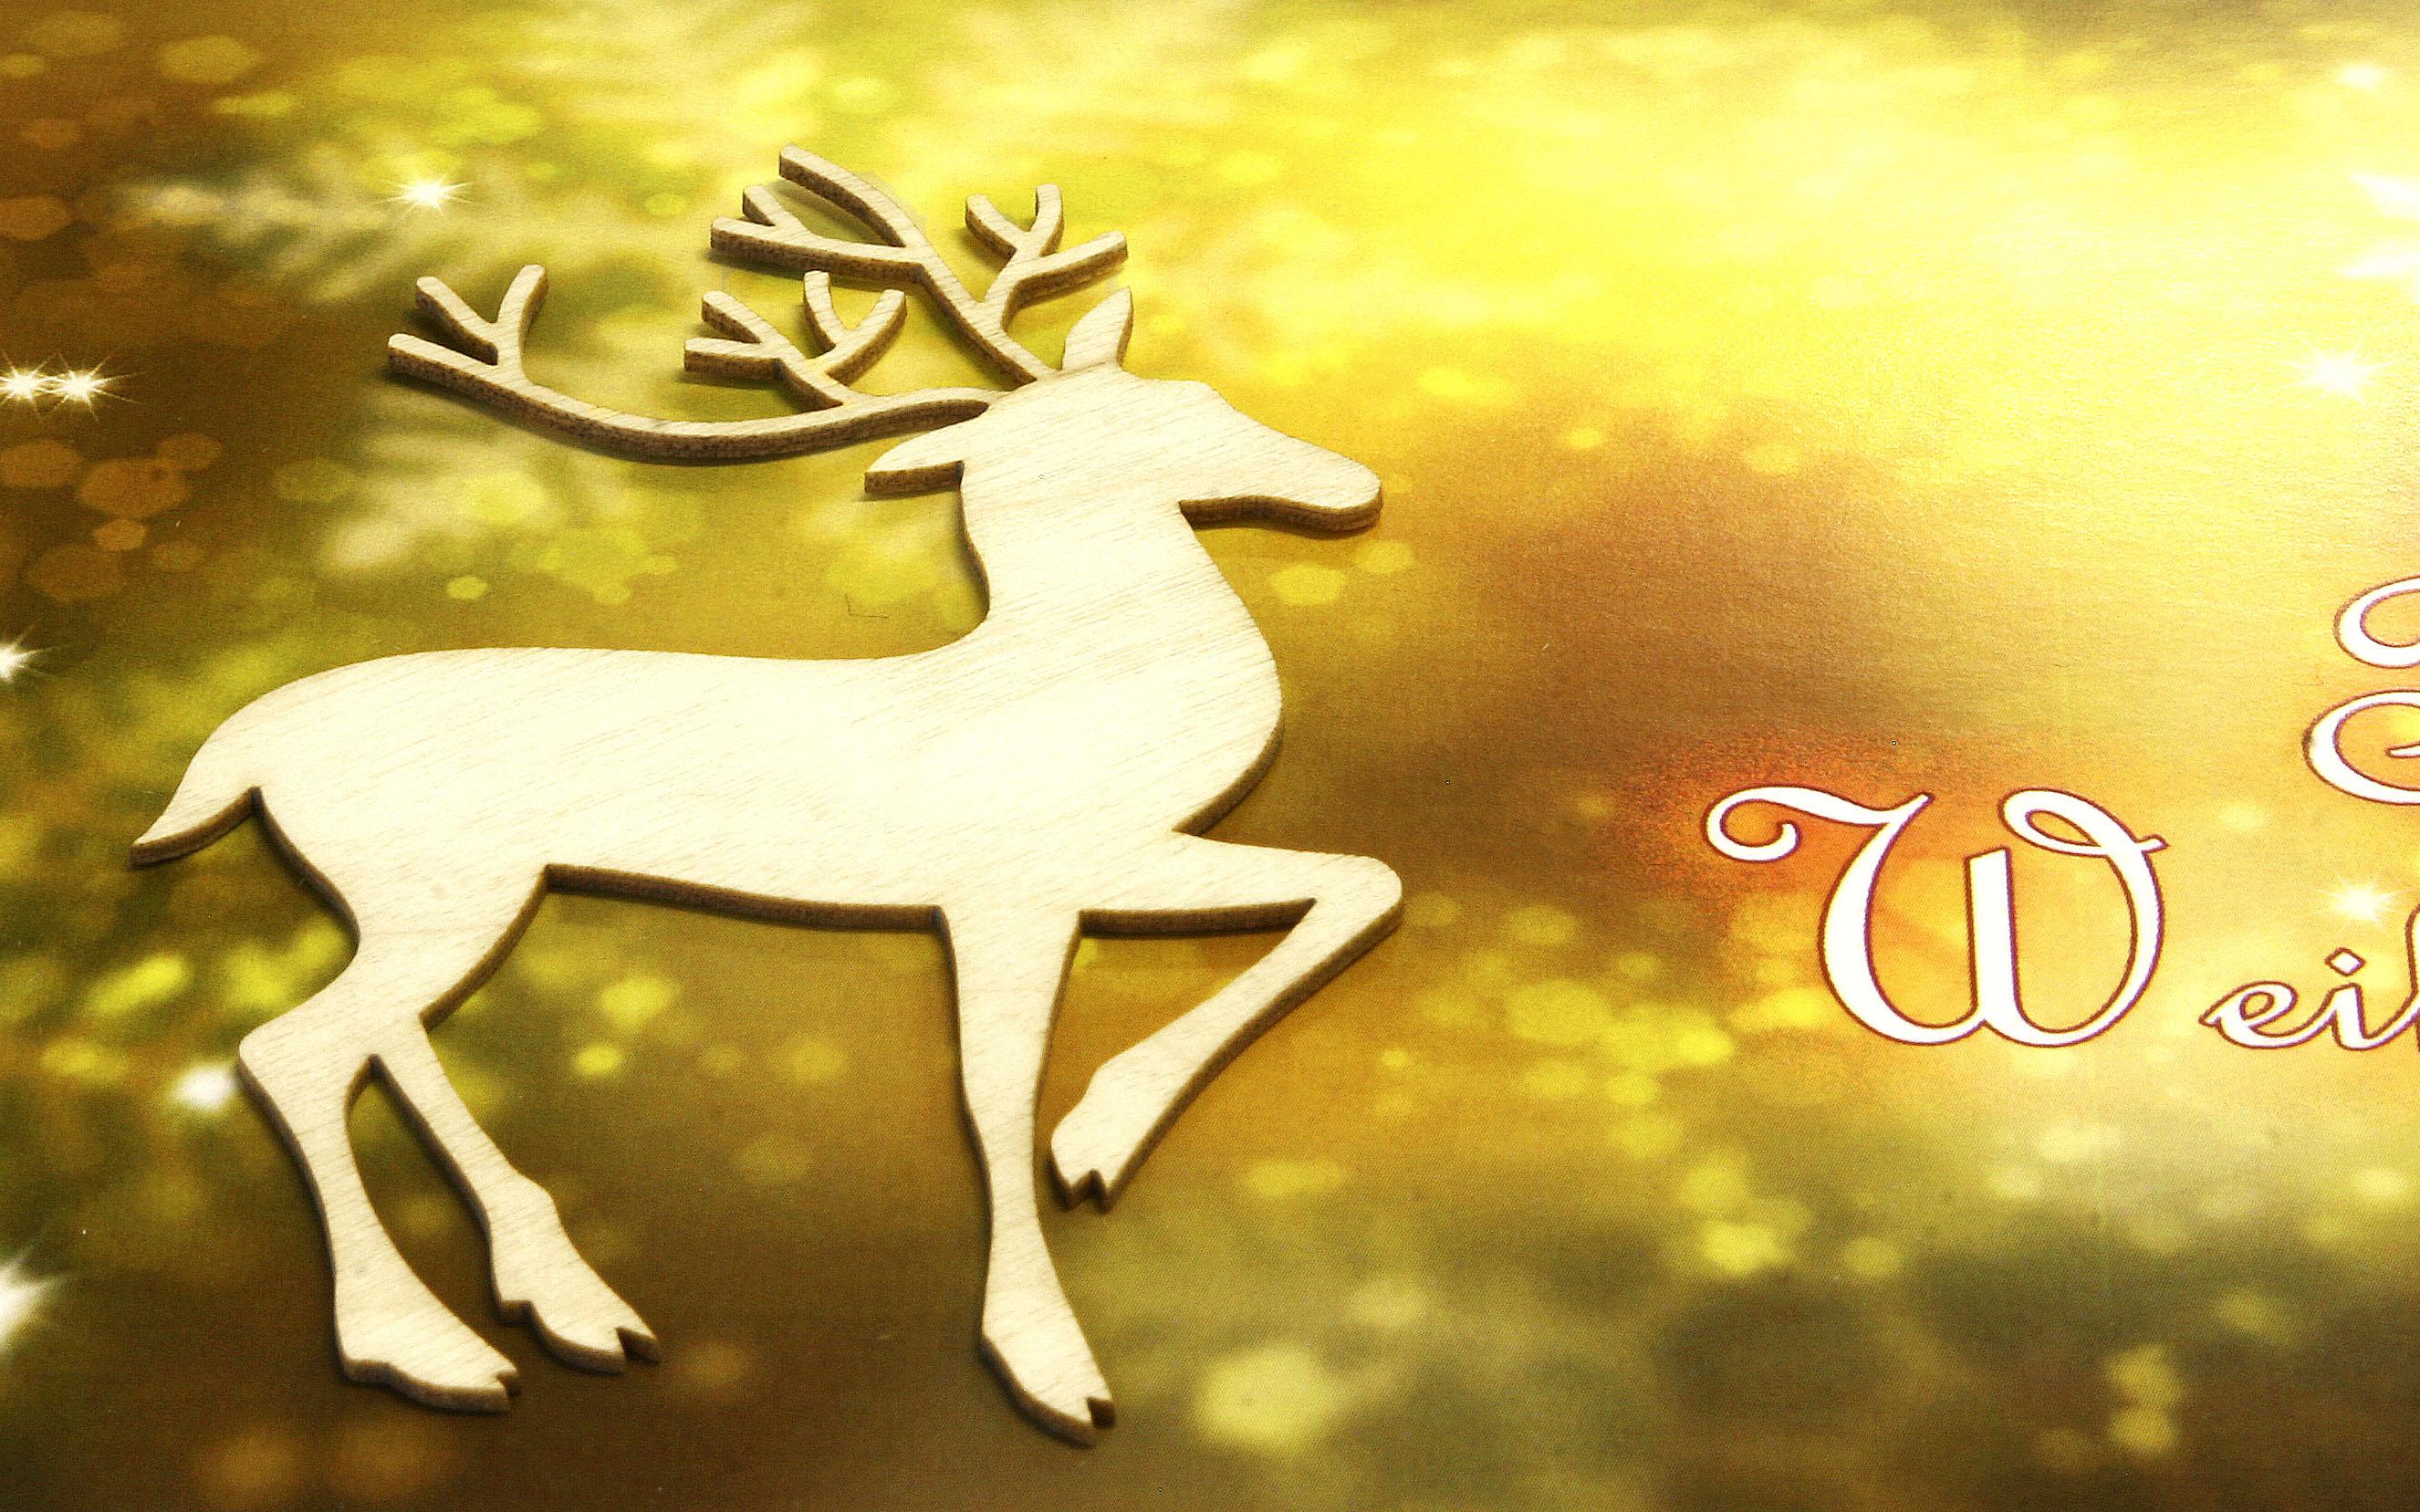 Weihnachtskarten / Grußkarten /Weihnachten Weihnachtsschlitten ...